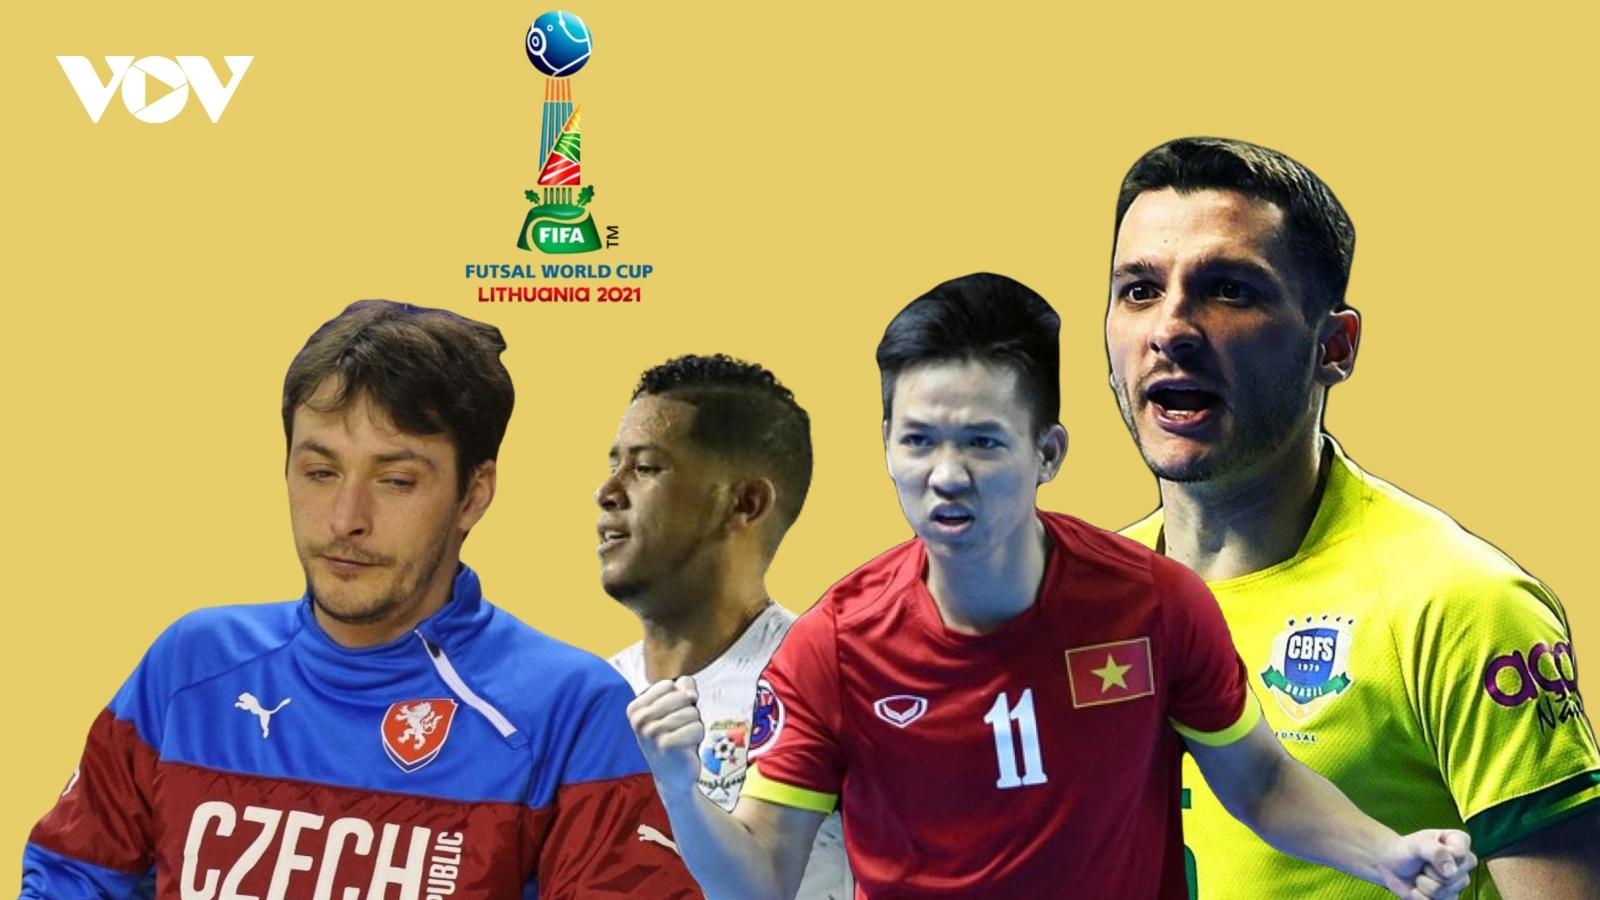 Lịch thi đấu chính thức của ĐT Futsal Việt Nam ở Futsal World Cup 2021